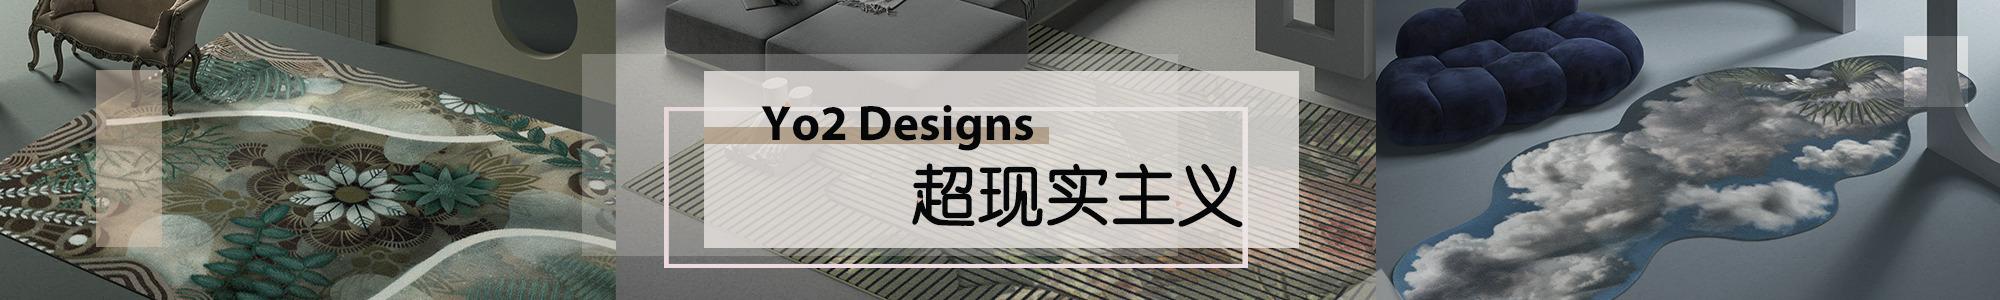 Yo2 Designs banner